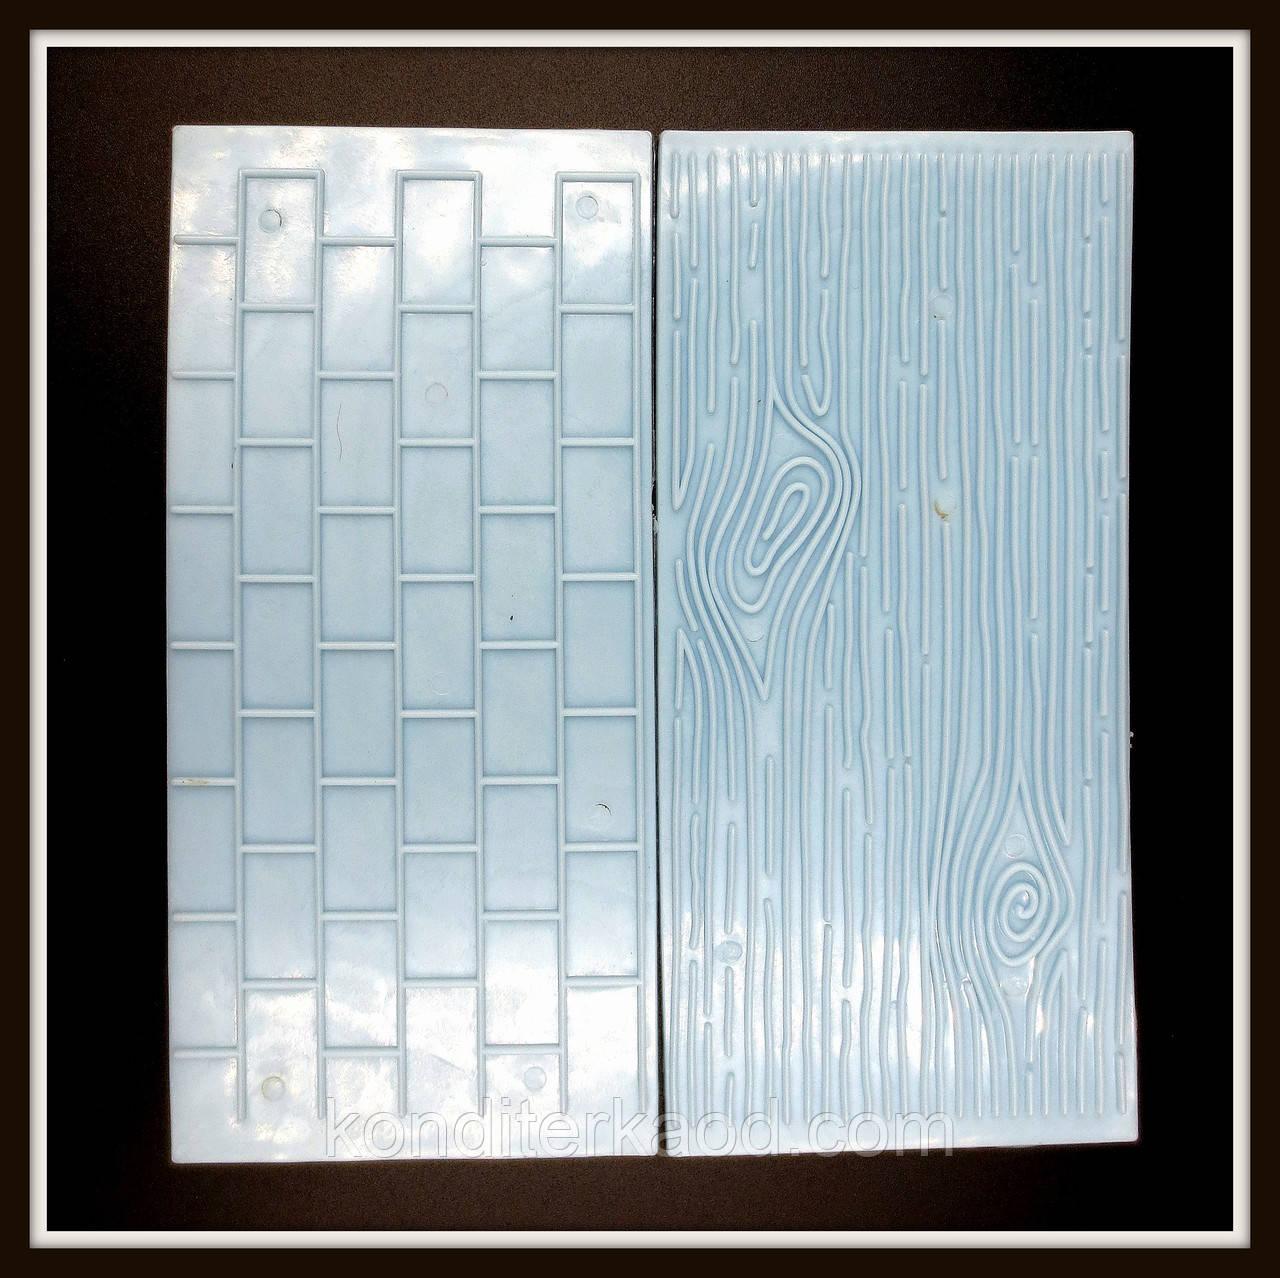 """Молд текстурный """"Кирпичная стена и дерево"""" пластик 14,5*6,8 см (набор из 2 шт.)"""